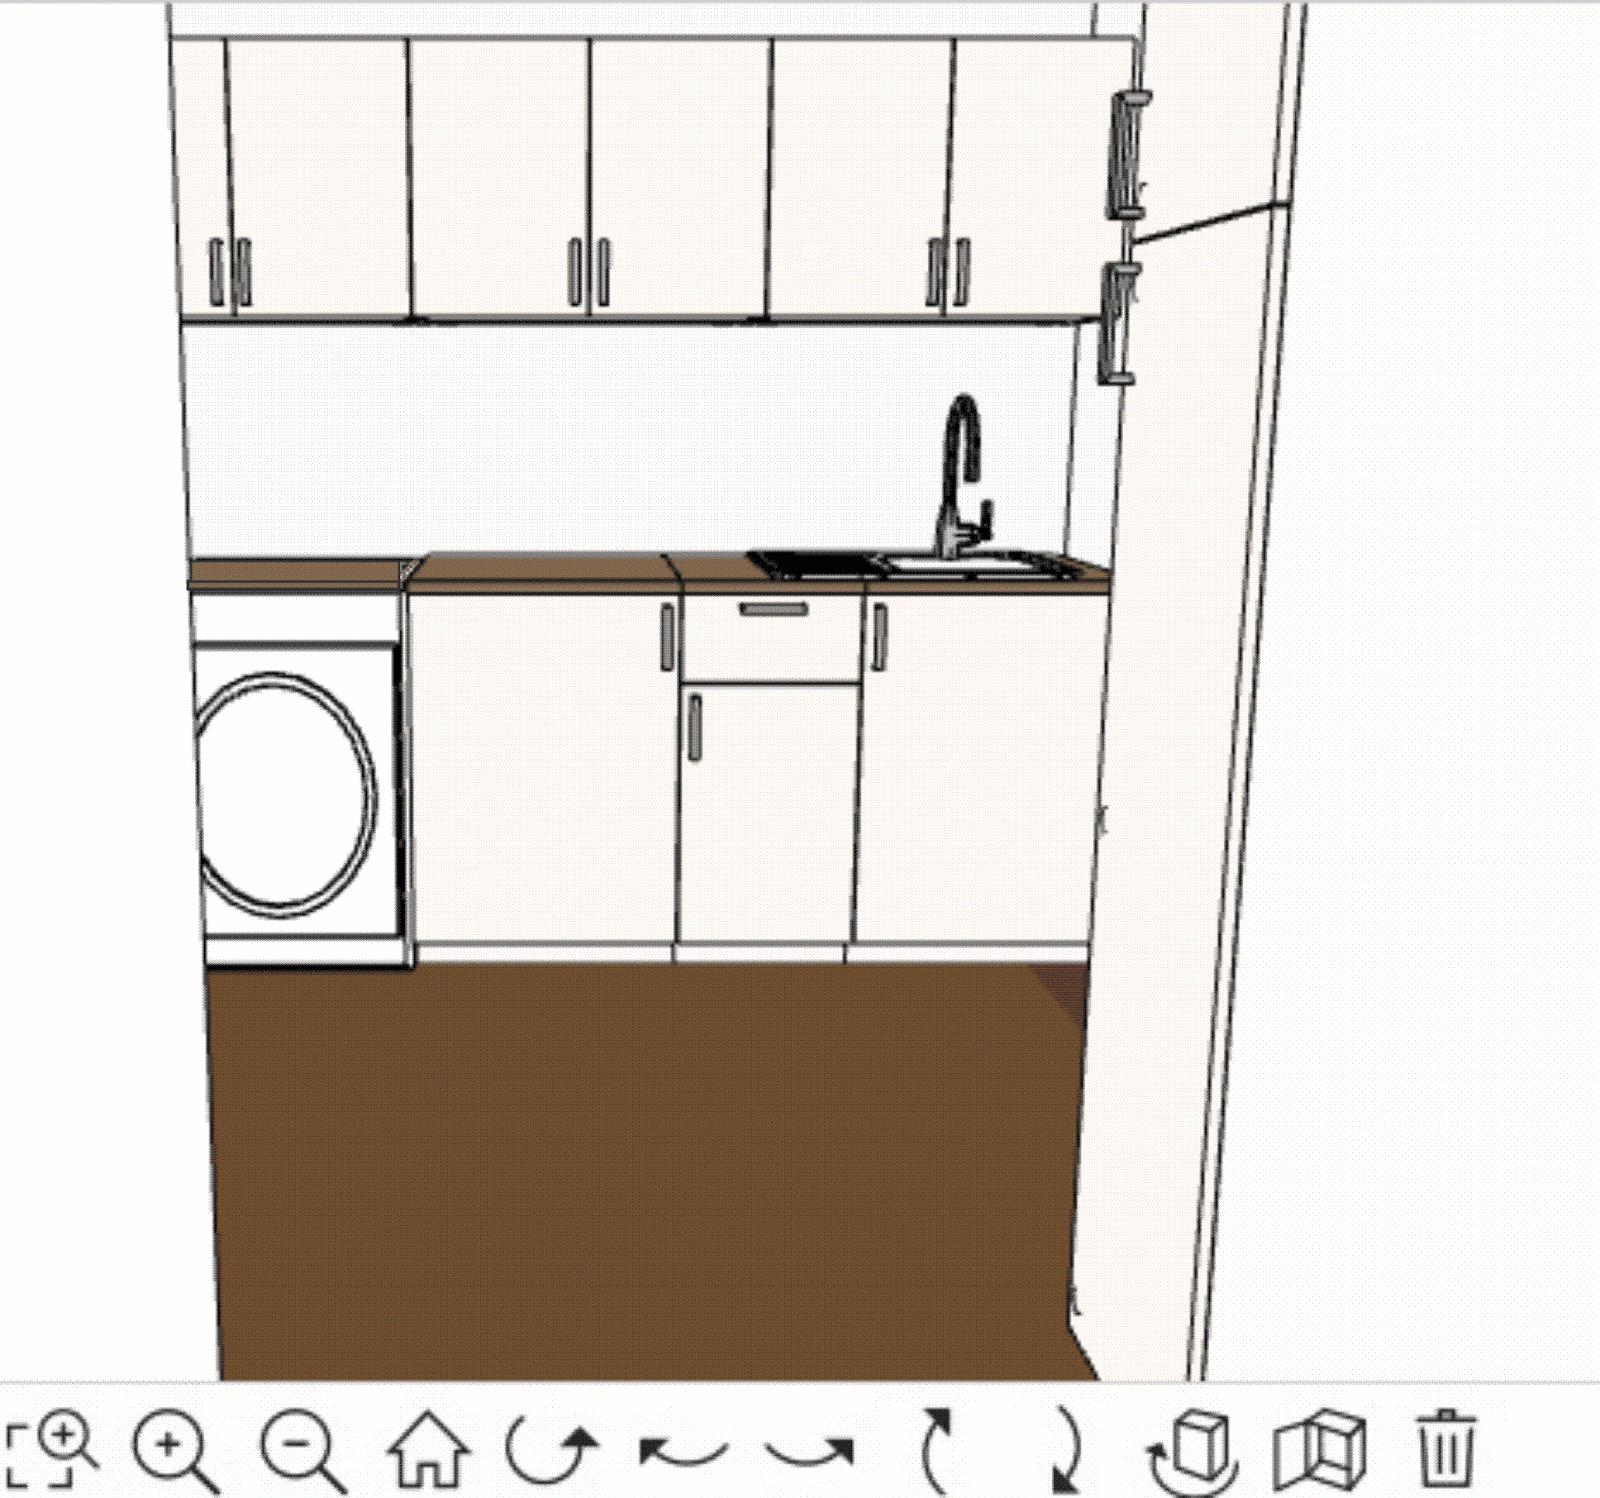 Wohnzimmerz Ikea Terrassenfliesen With Ein Traumhaus Fƒ¼r Familie